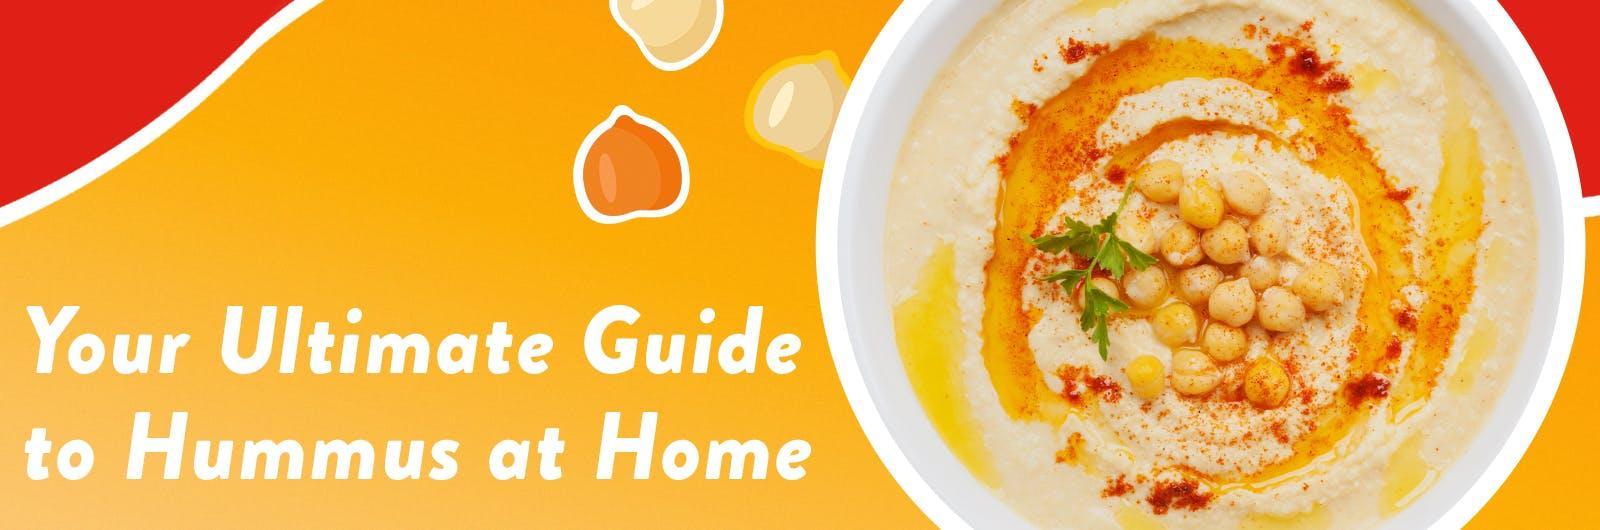 Sabra Easy Hummus Recipes Guide Header Image Desktop2